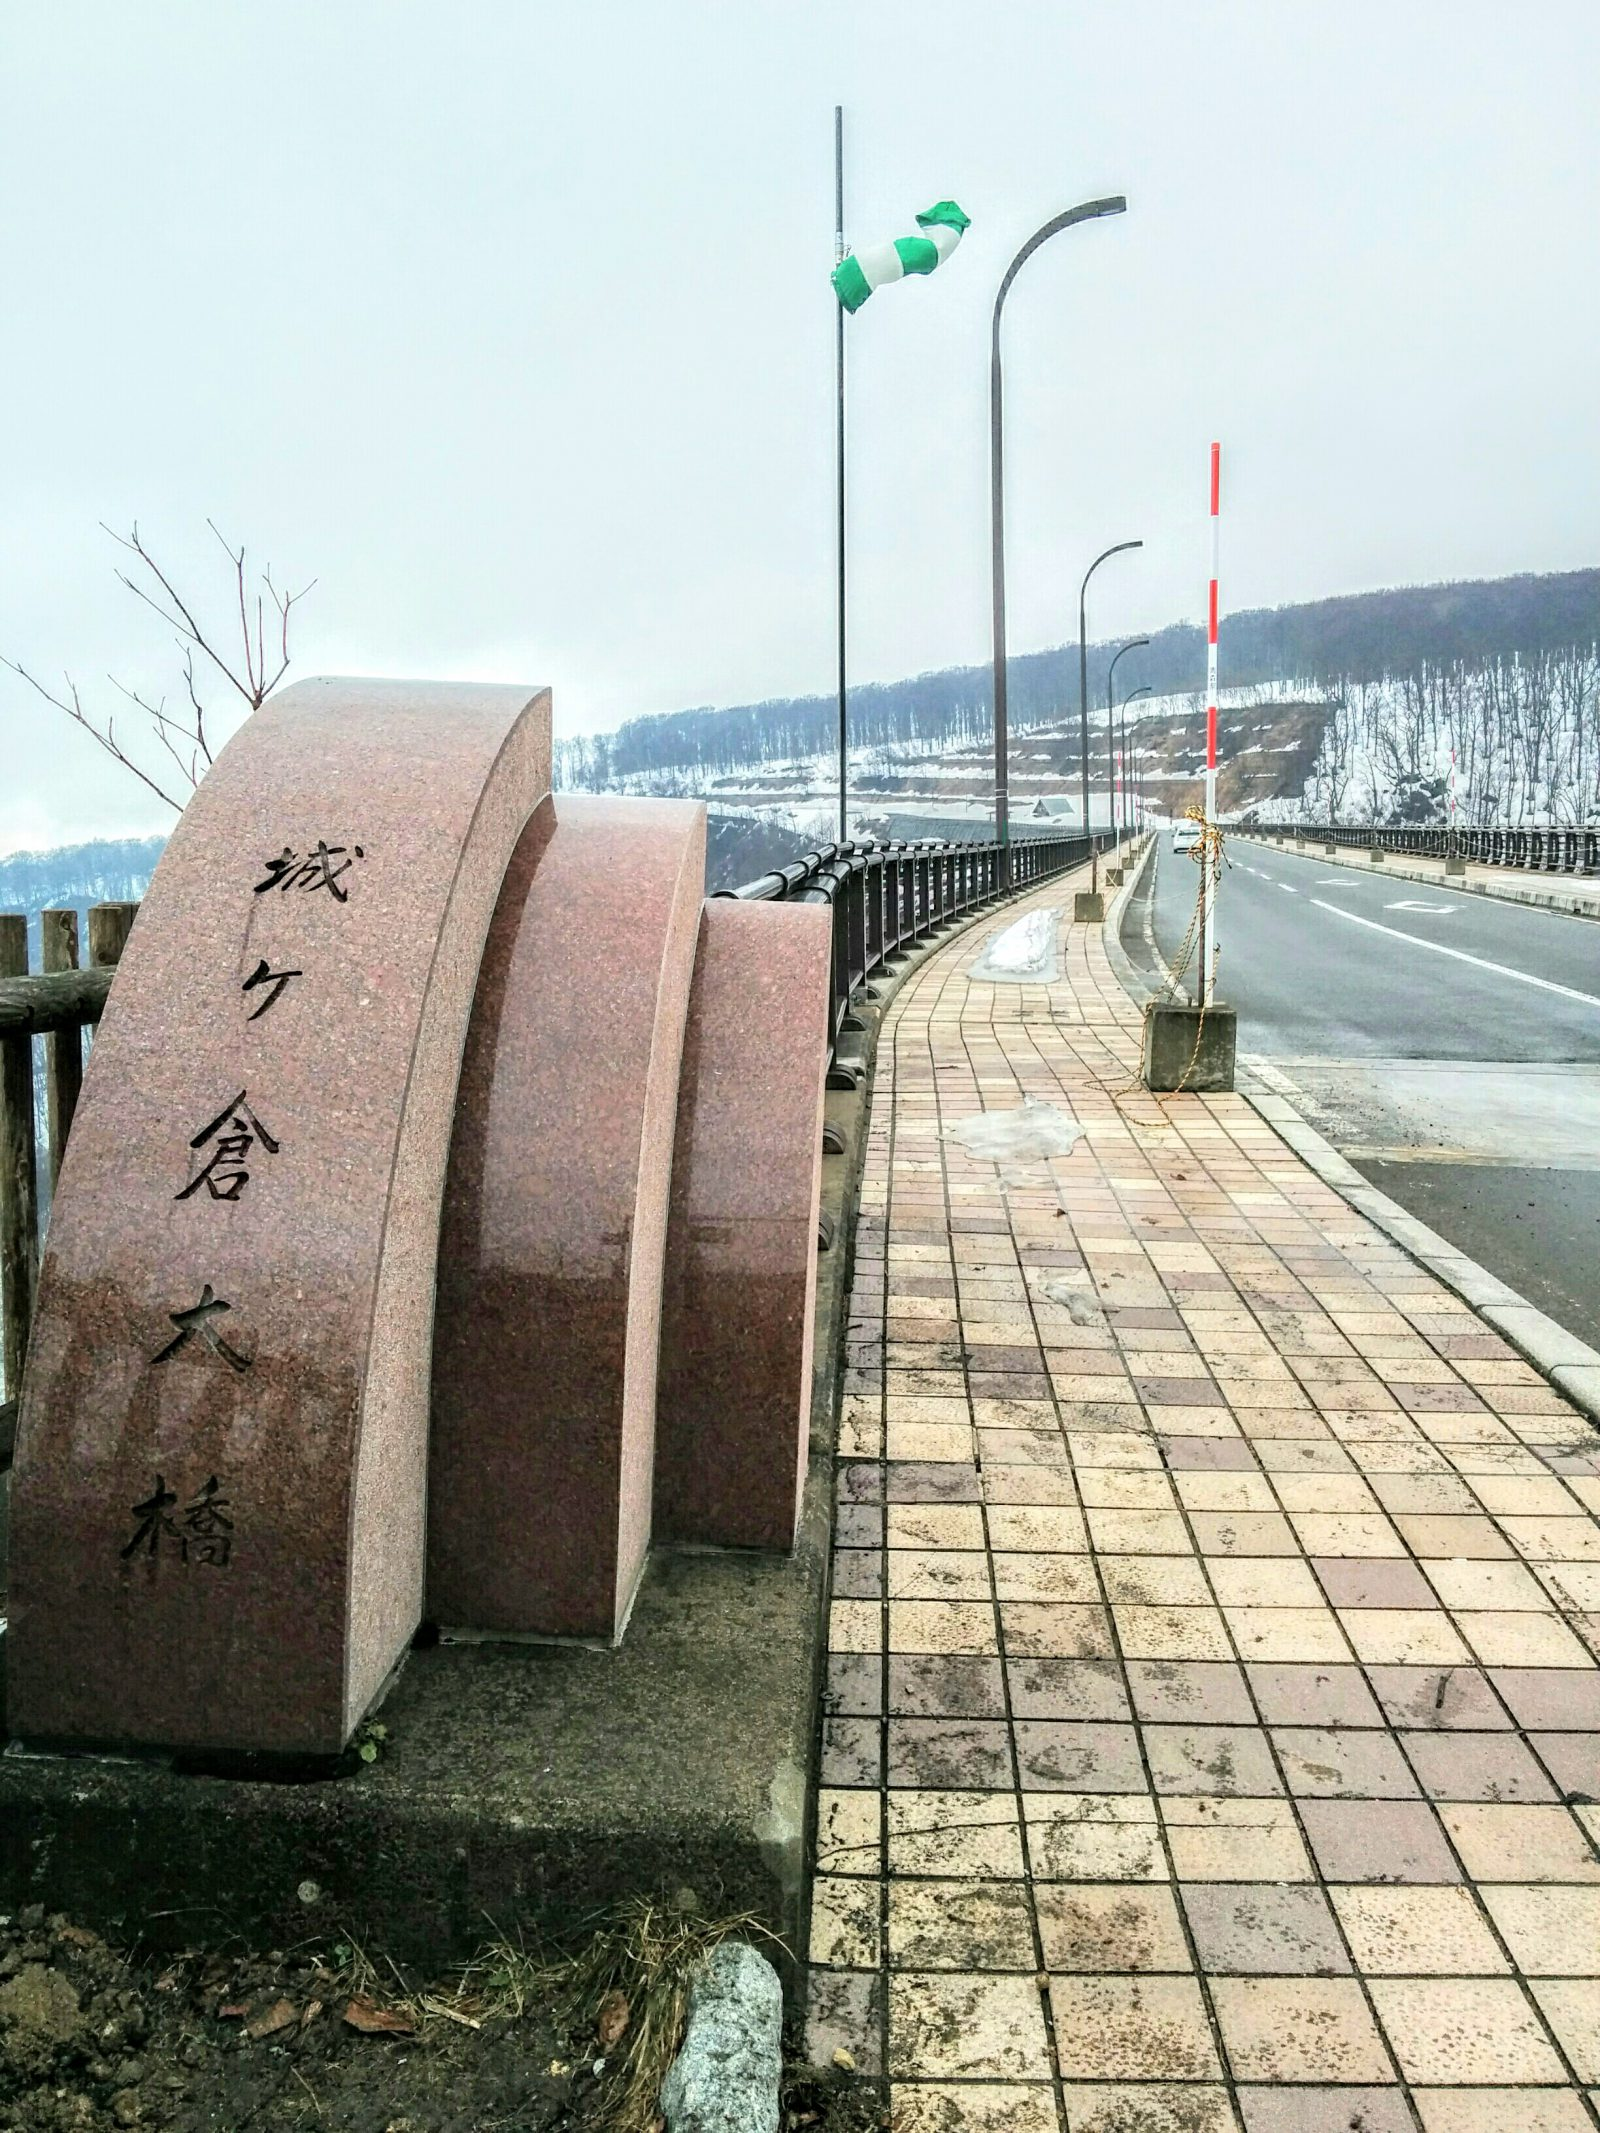 【青森県】城ヶ倉渓流・城ヶ倉大橋観光タクシー